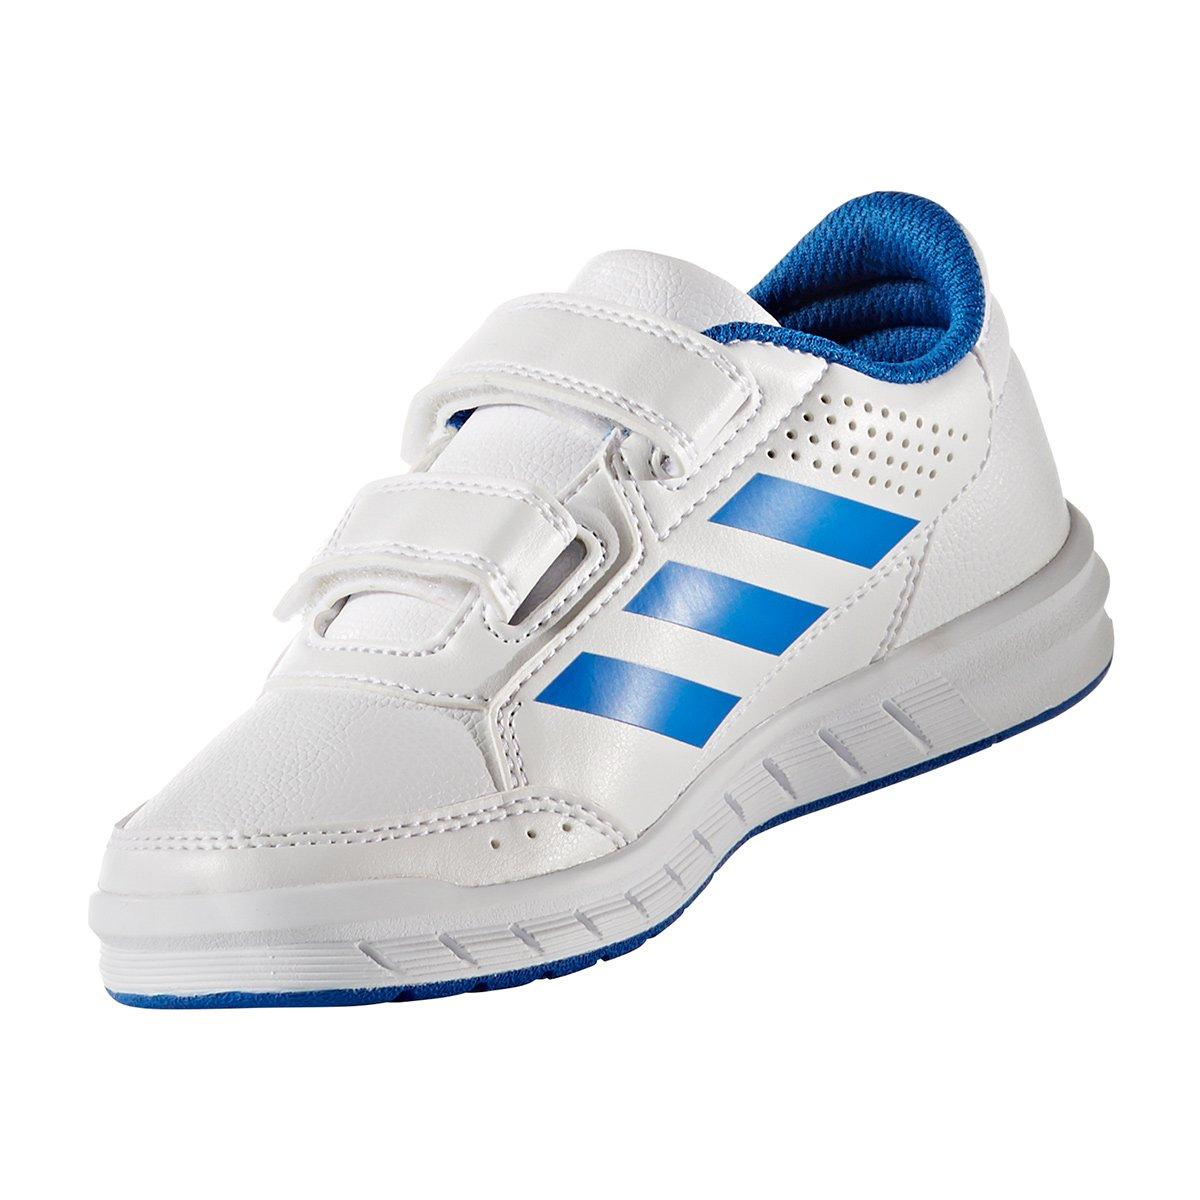 62aa332b4c1 Tênis Infantil Adidas Altasport Cf K Velcro - Branco e Azul - Compre Agora